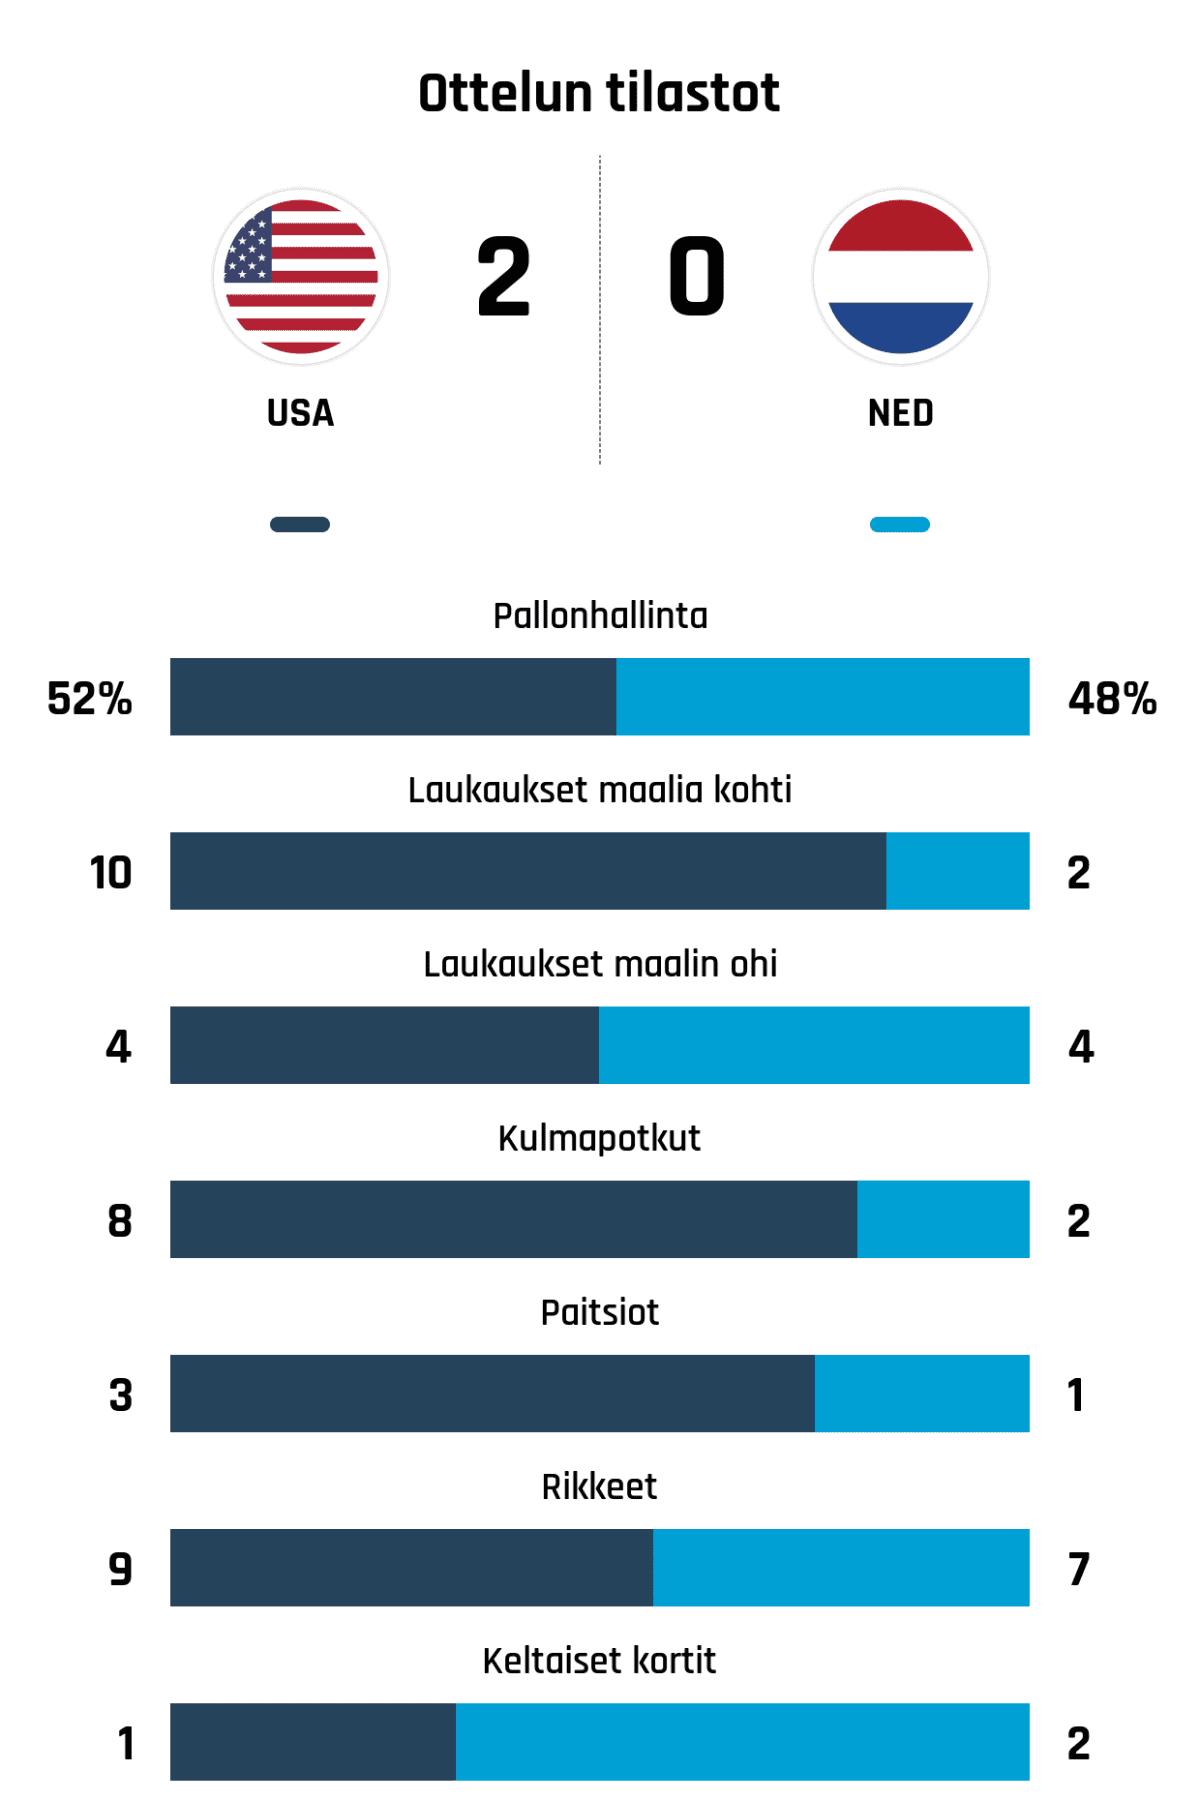 Pallonhallinta 52%-48% Laukaukset maalia kohti 10-2 Laukaukset maalin ohi 4-4 Kulmapotkut 8-2 Paitsiot 3-1 Rikkeet 9-7 Keltaiset kortit 1-2